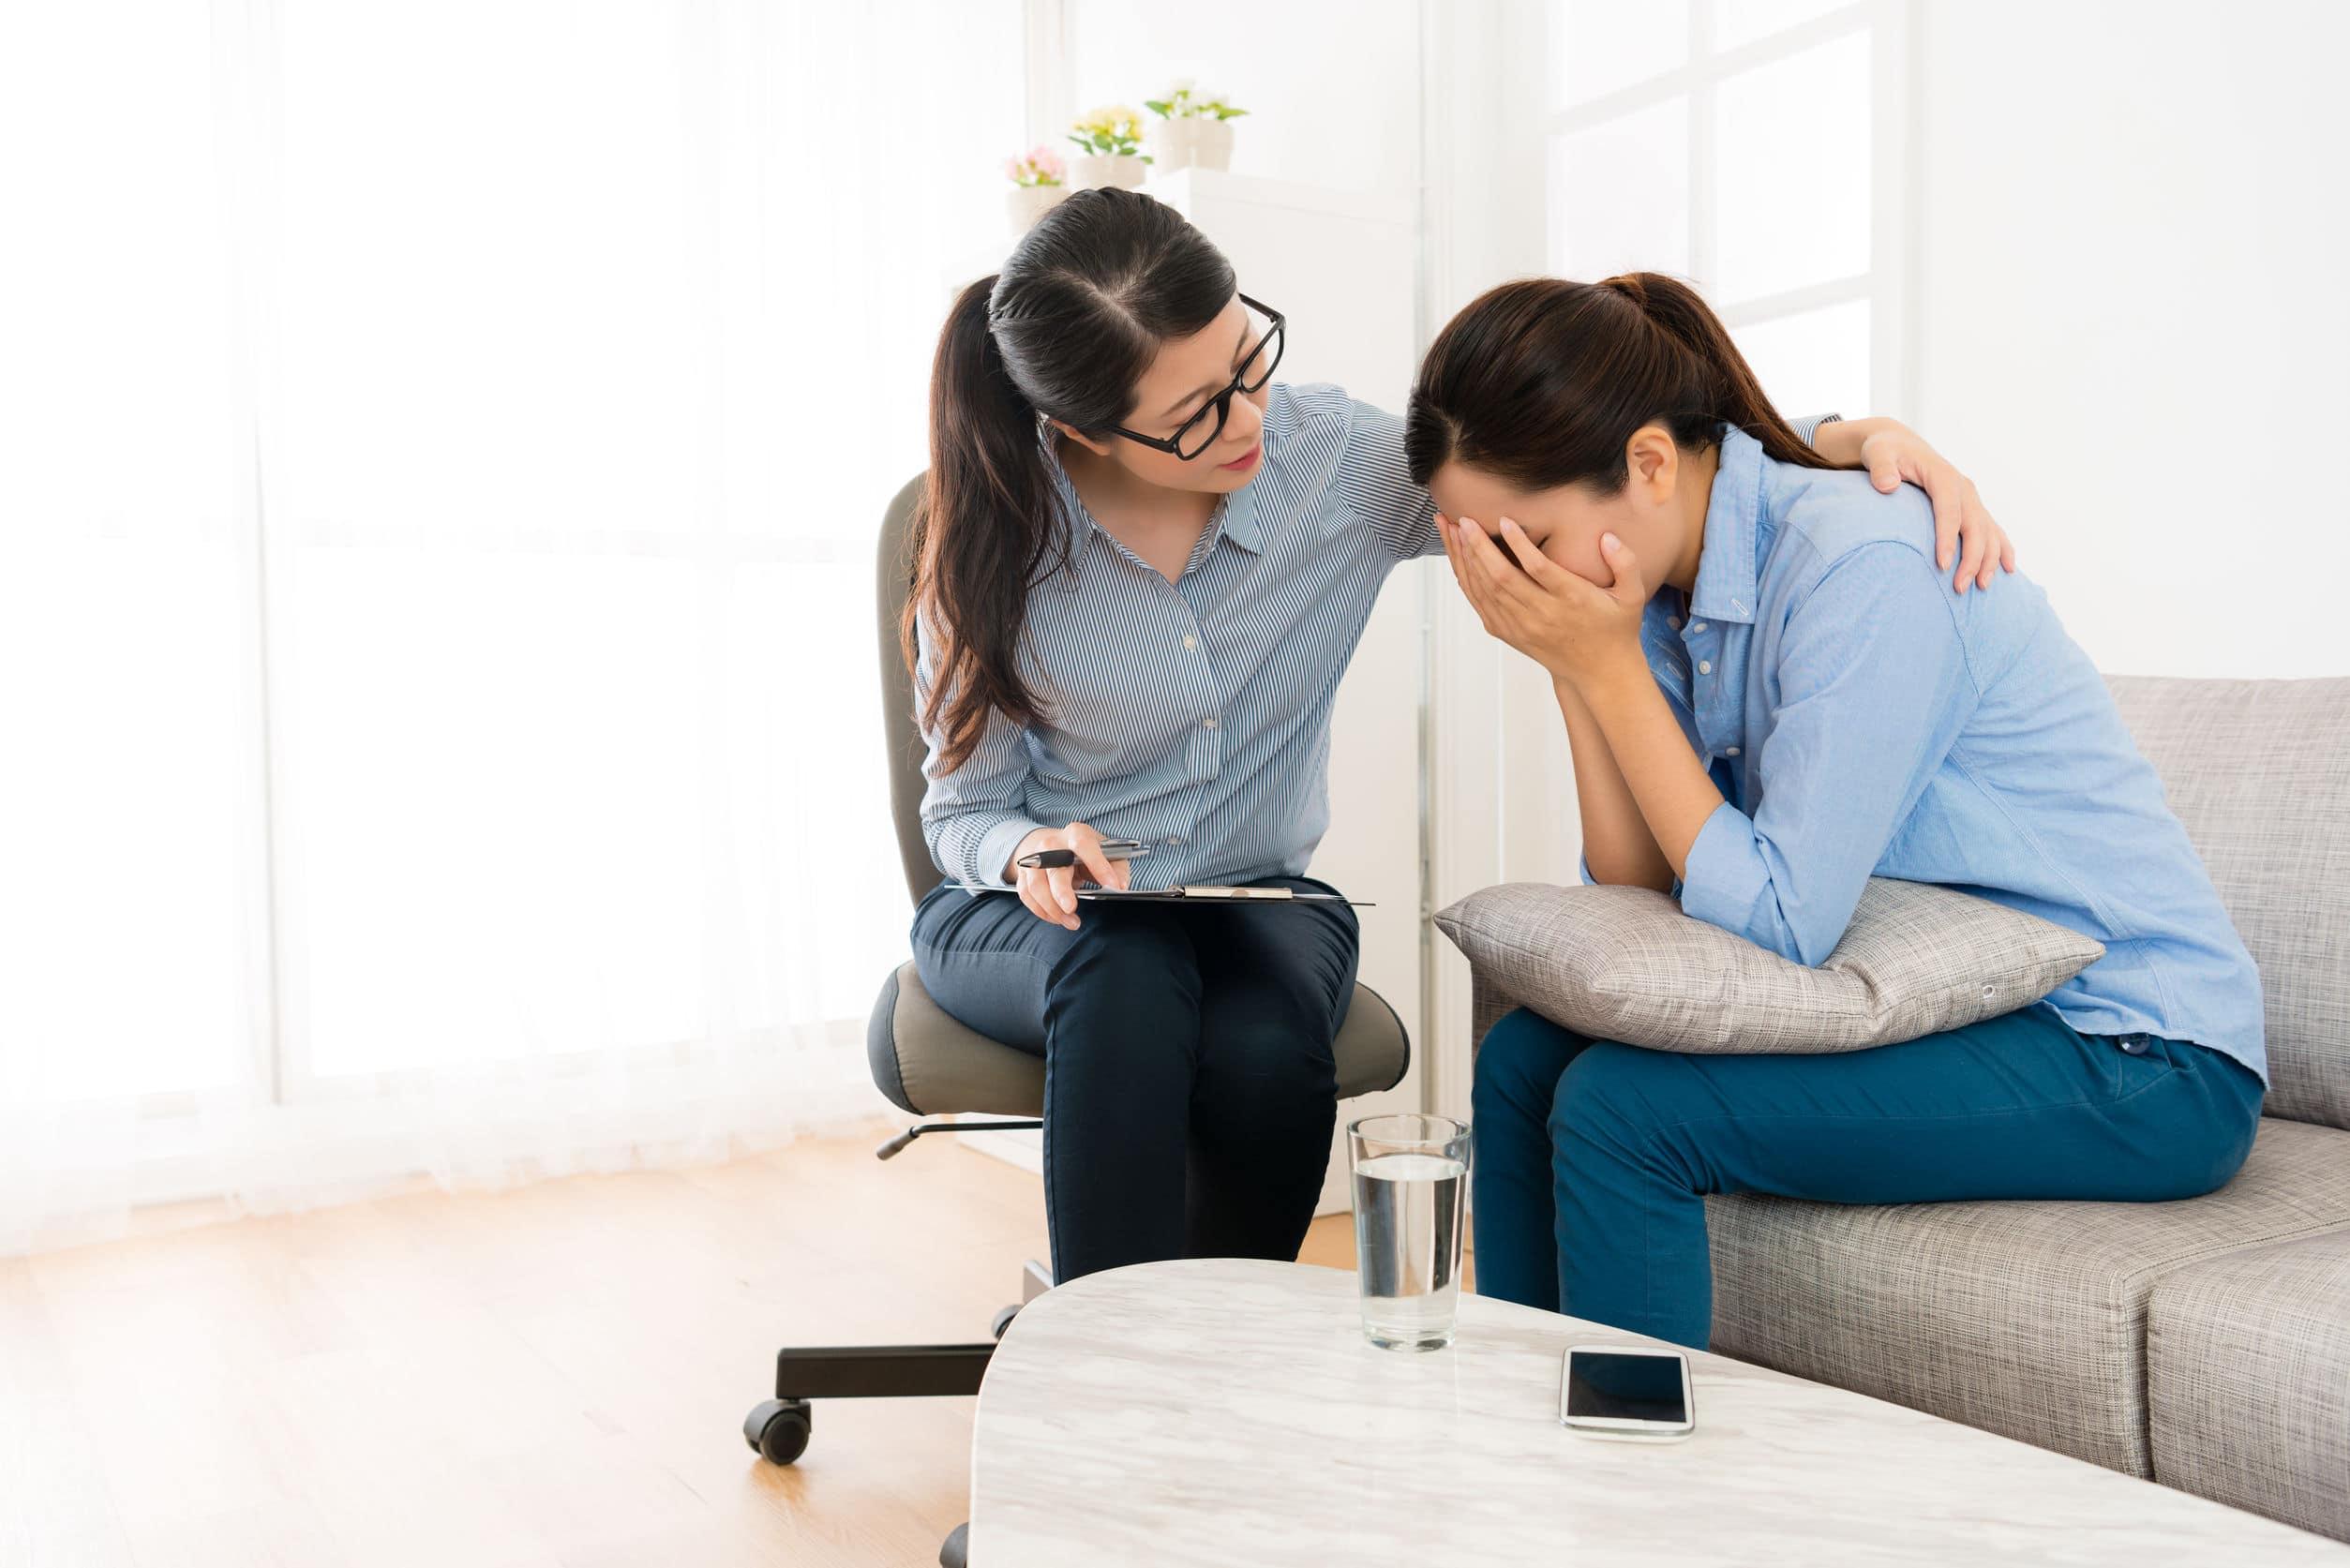 Mulher consolando a outra.